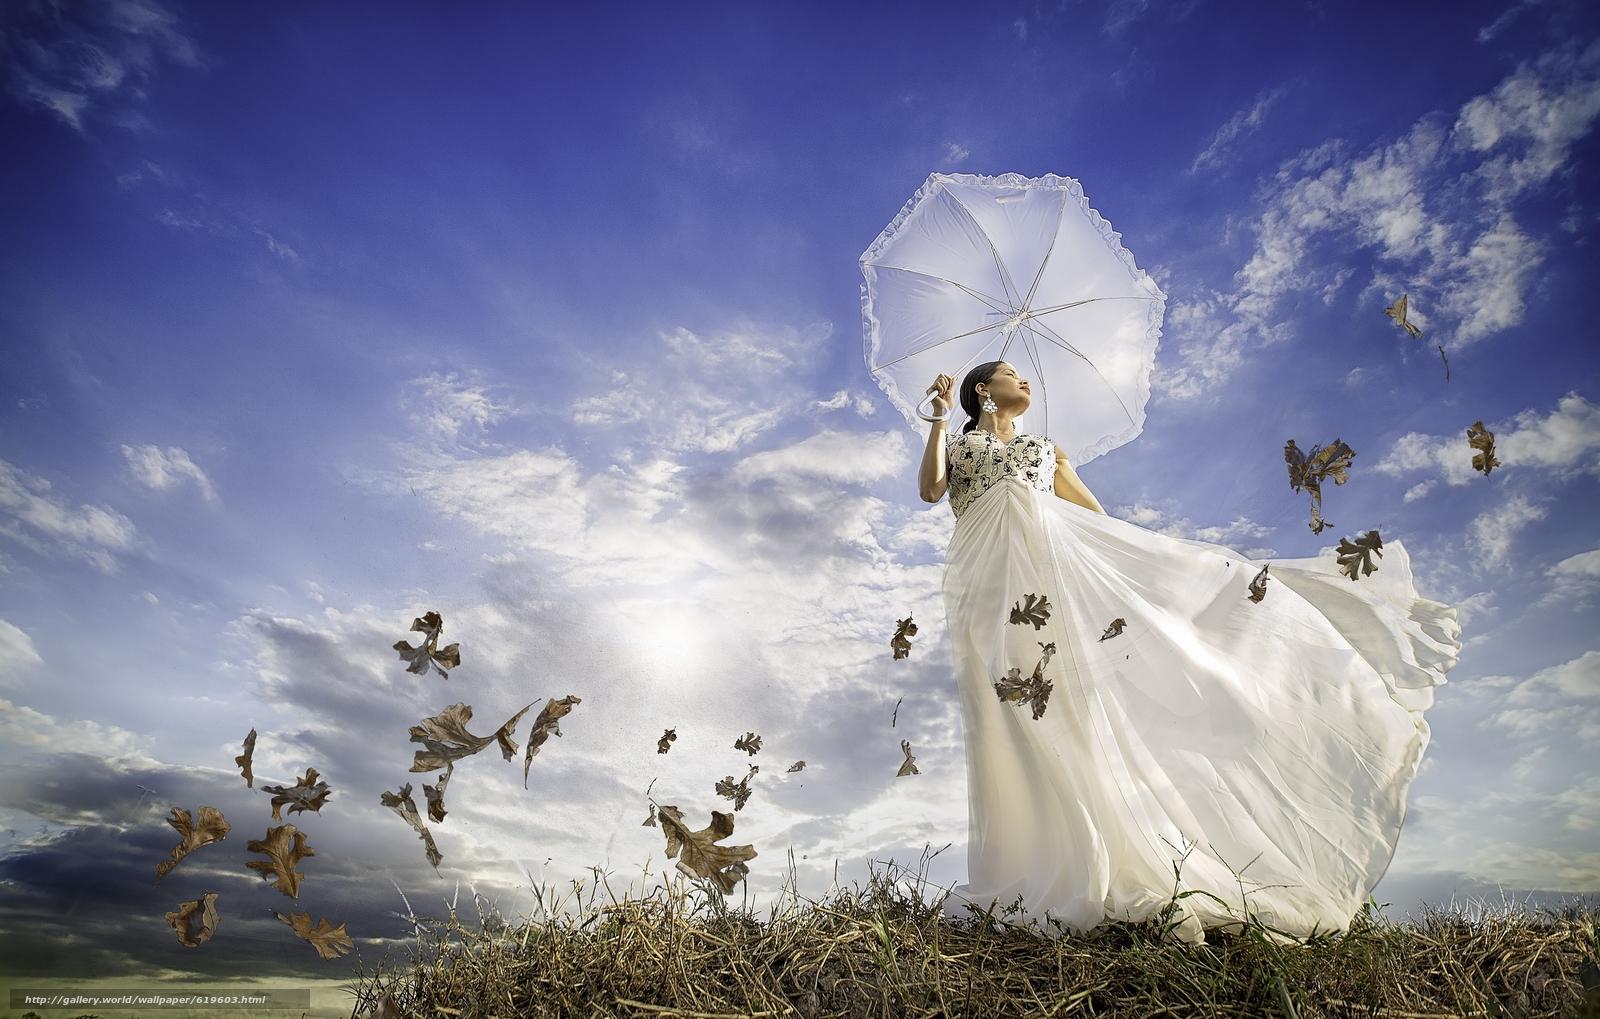 Скачать обои девушка,  платье,  зонтик,  ветер бесплатно для рабочего стола в разрешении 2560x1631 — картинка №619603